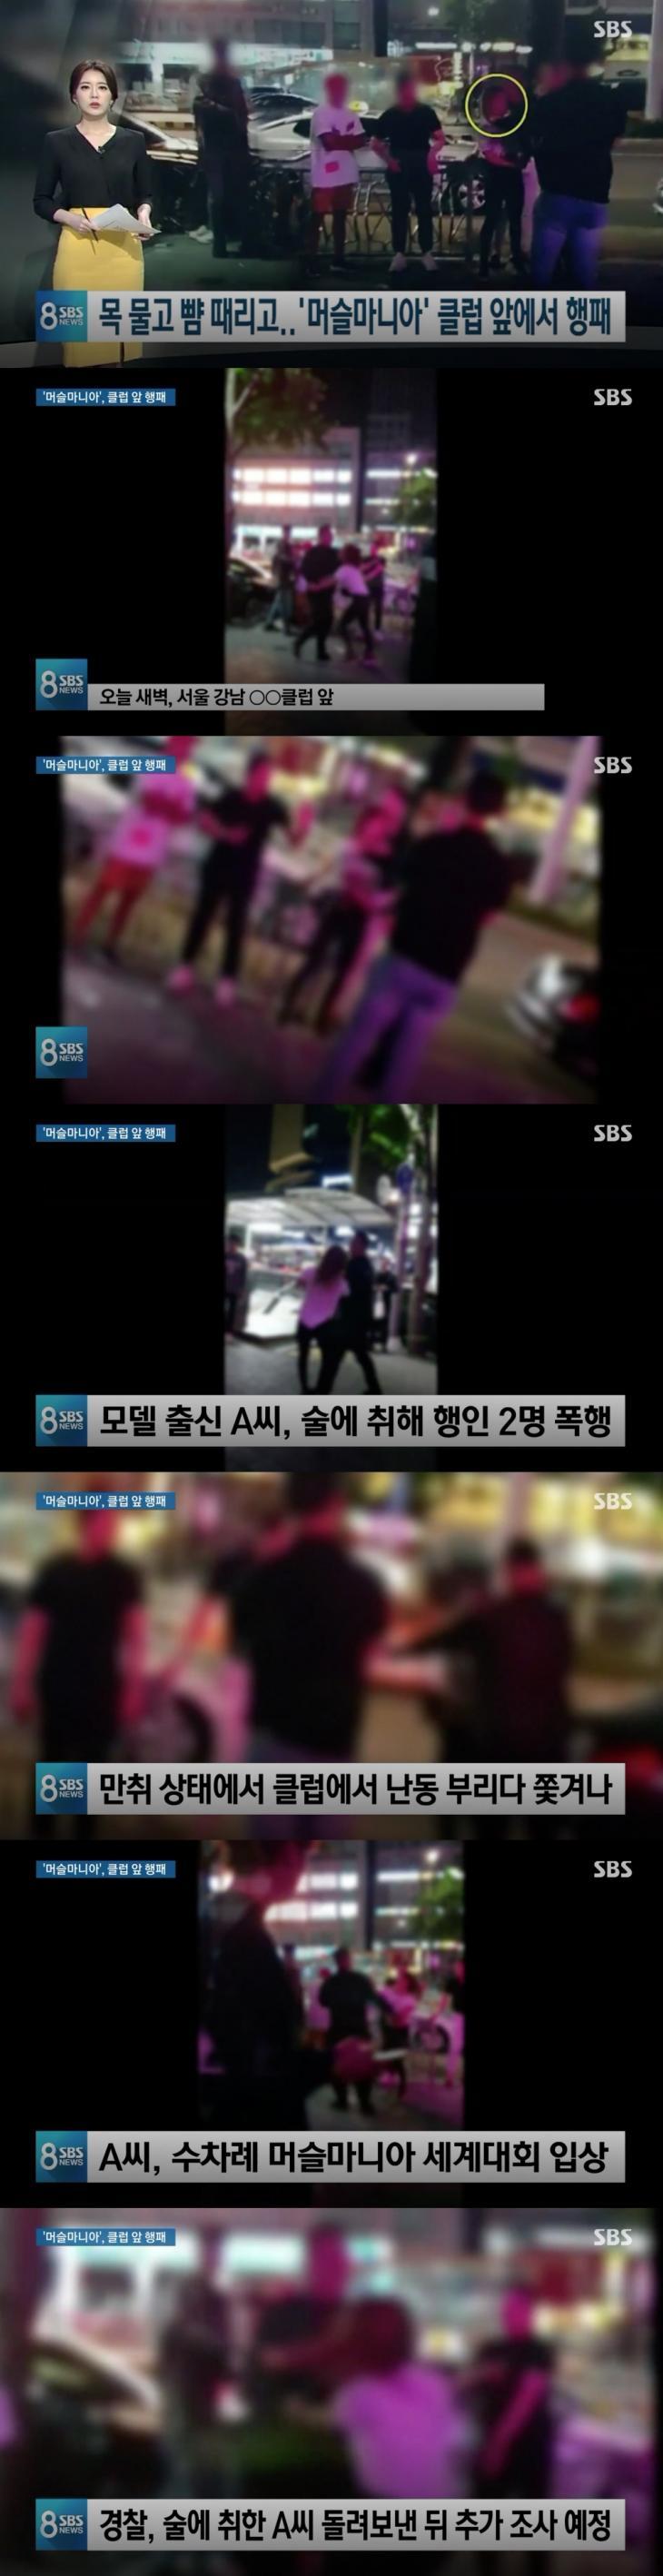 'SBS 8뉴스' 방송 캡처